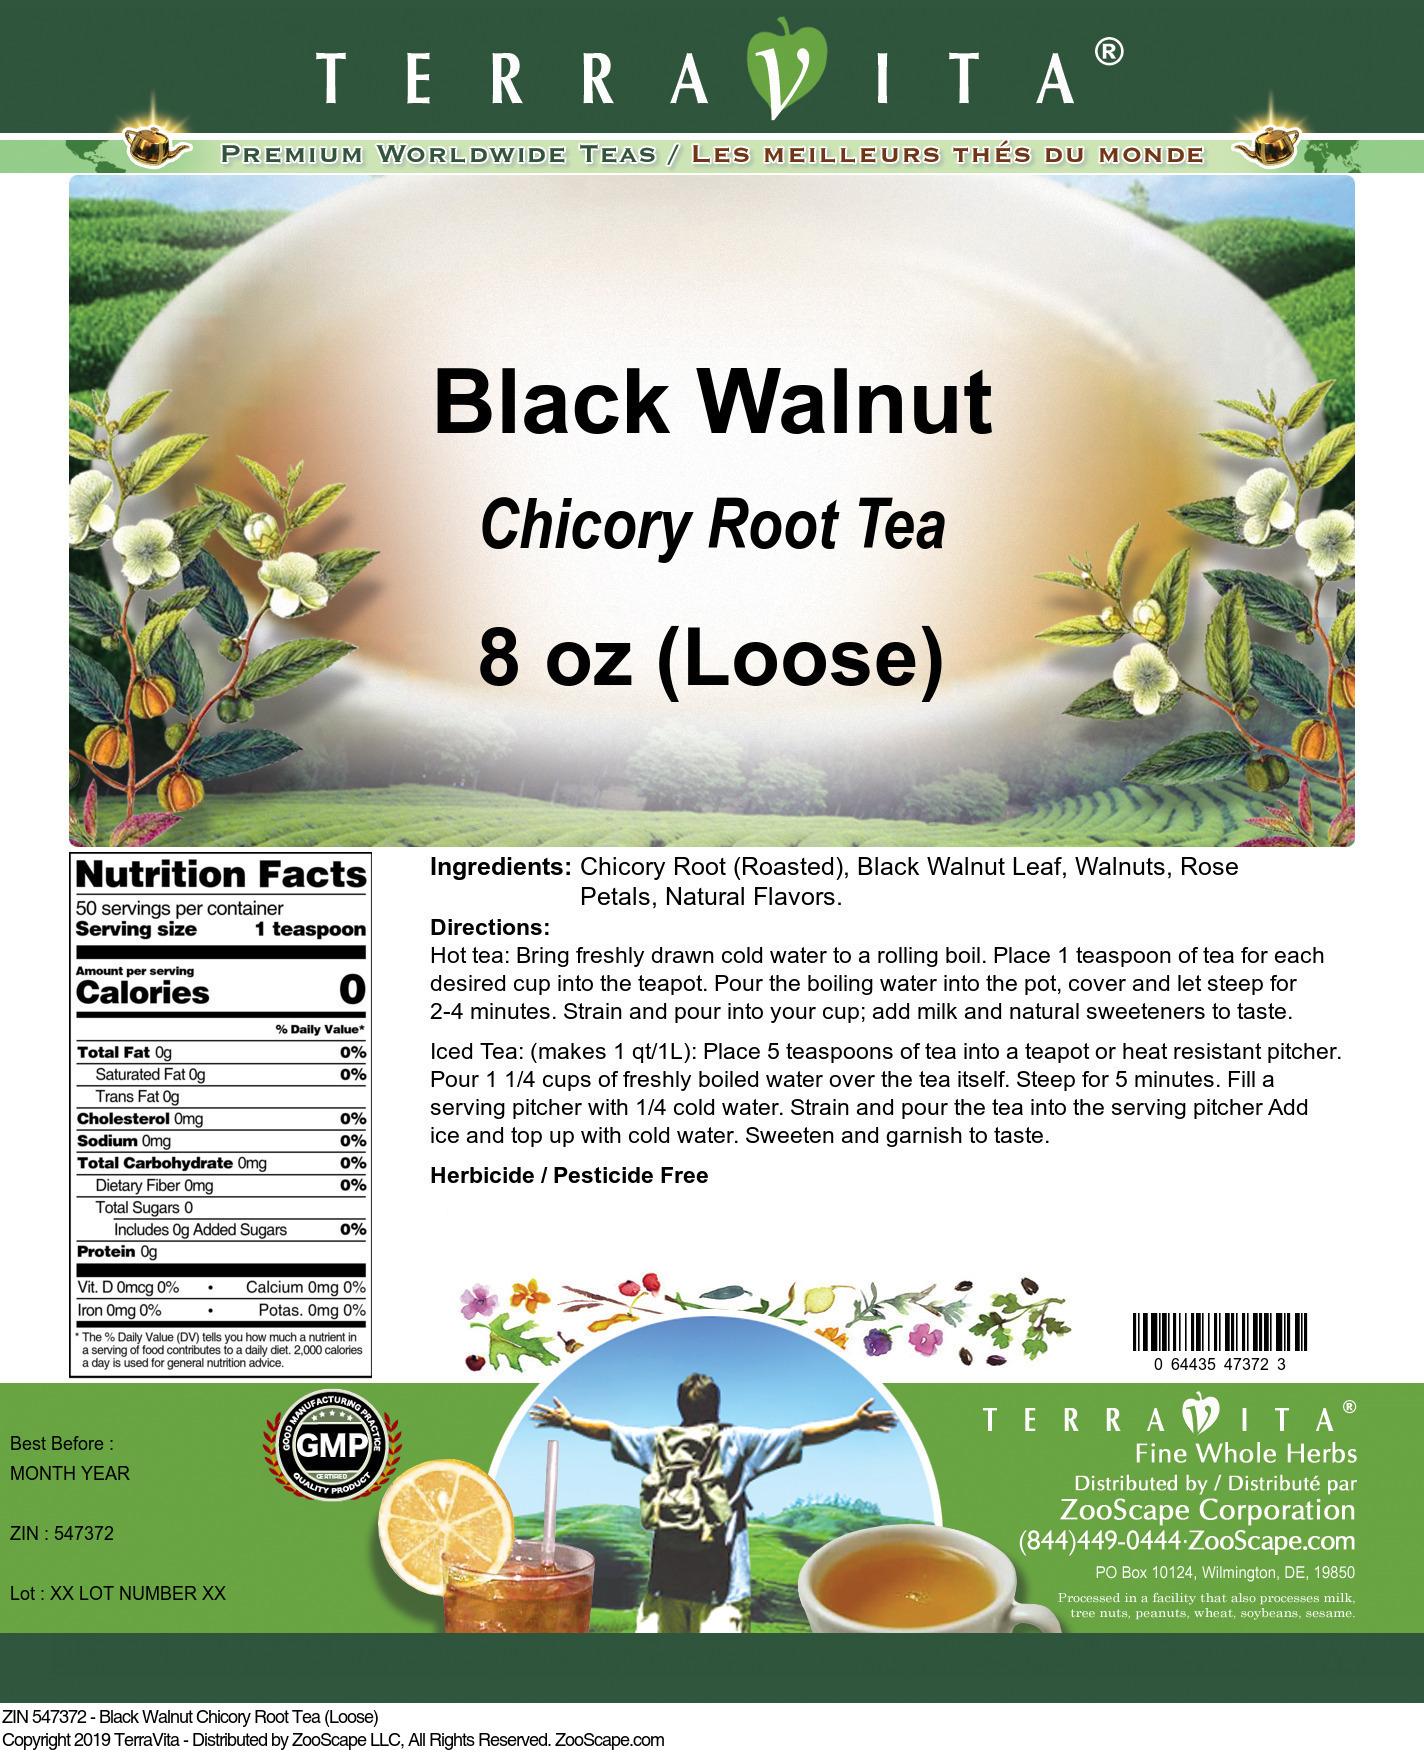 Black Walnut Chicory Root Tea (Loose)